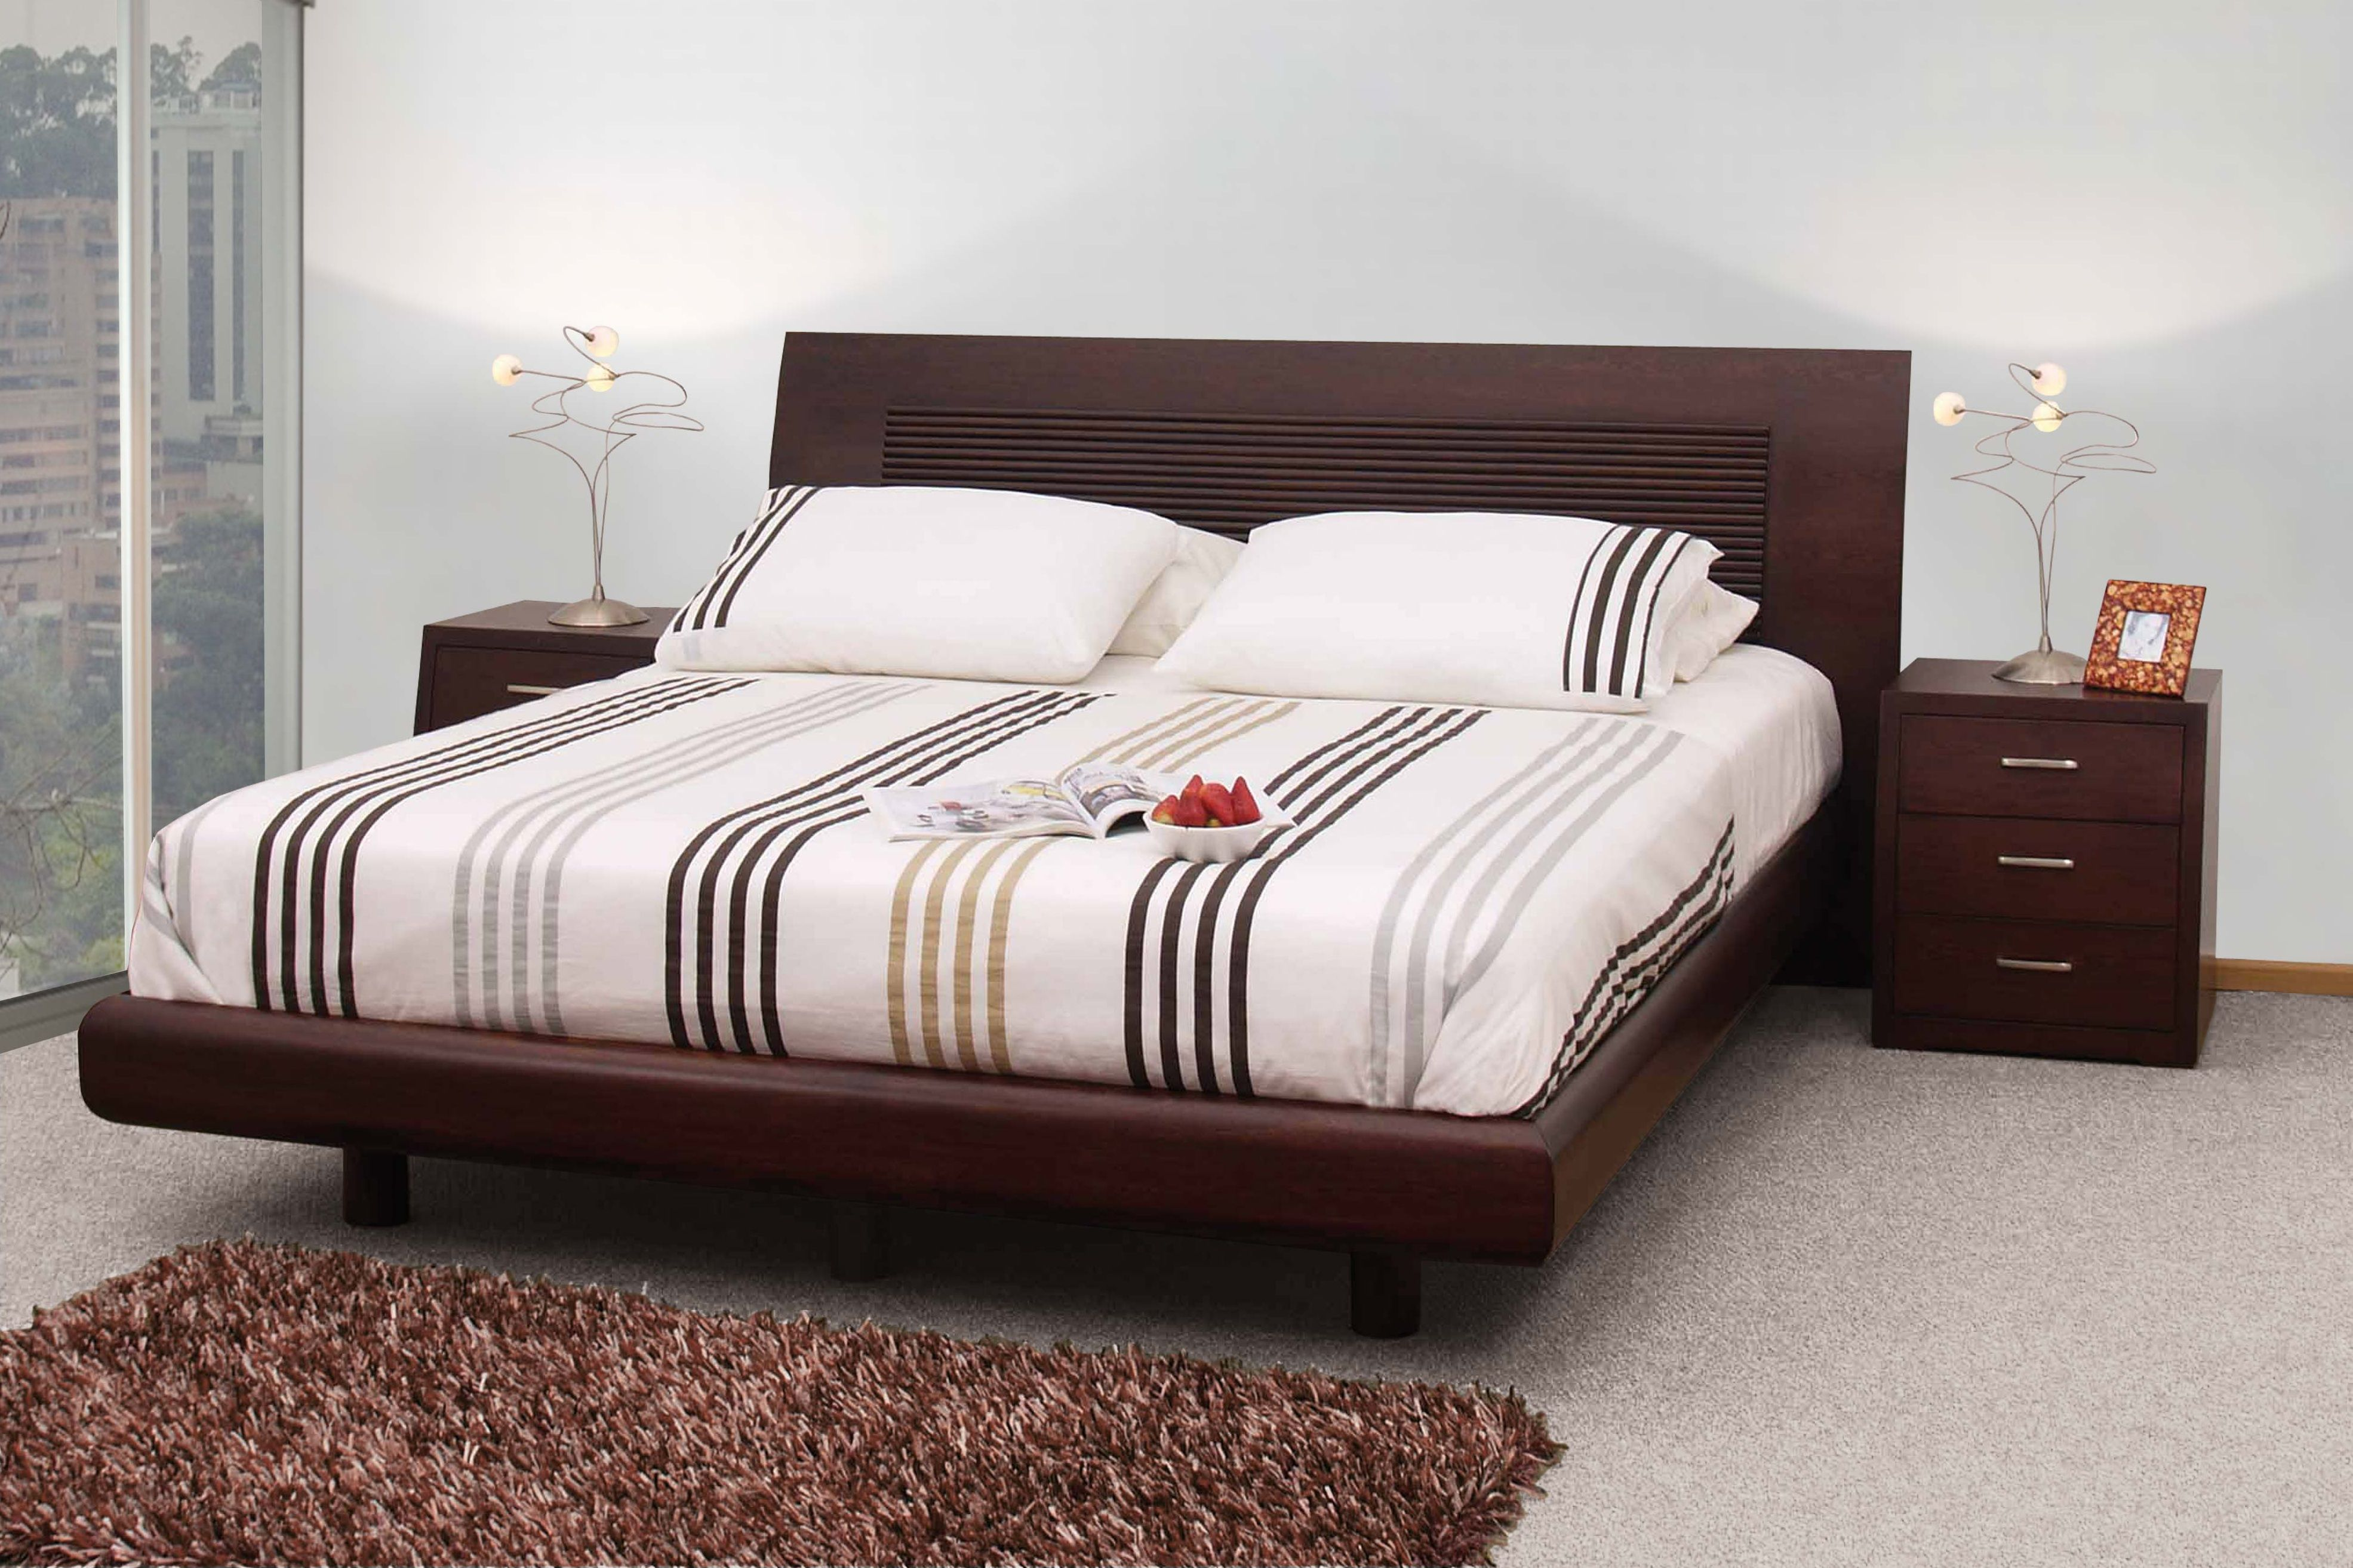 Habitaciones sofisticadas que reflejan tu estilo la cama - Cabeceras de cama de madera ...